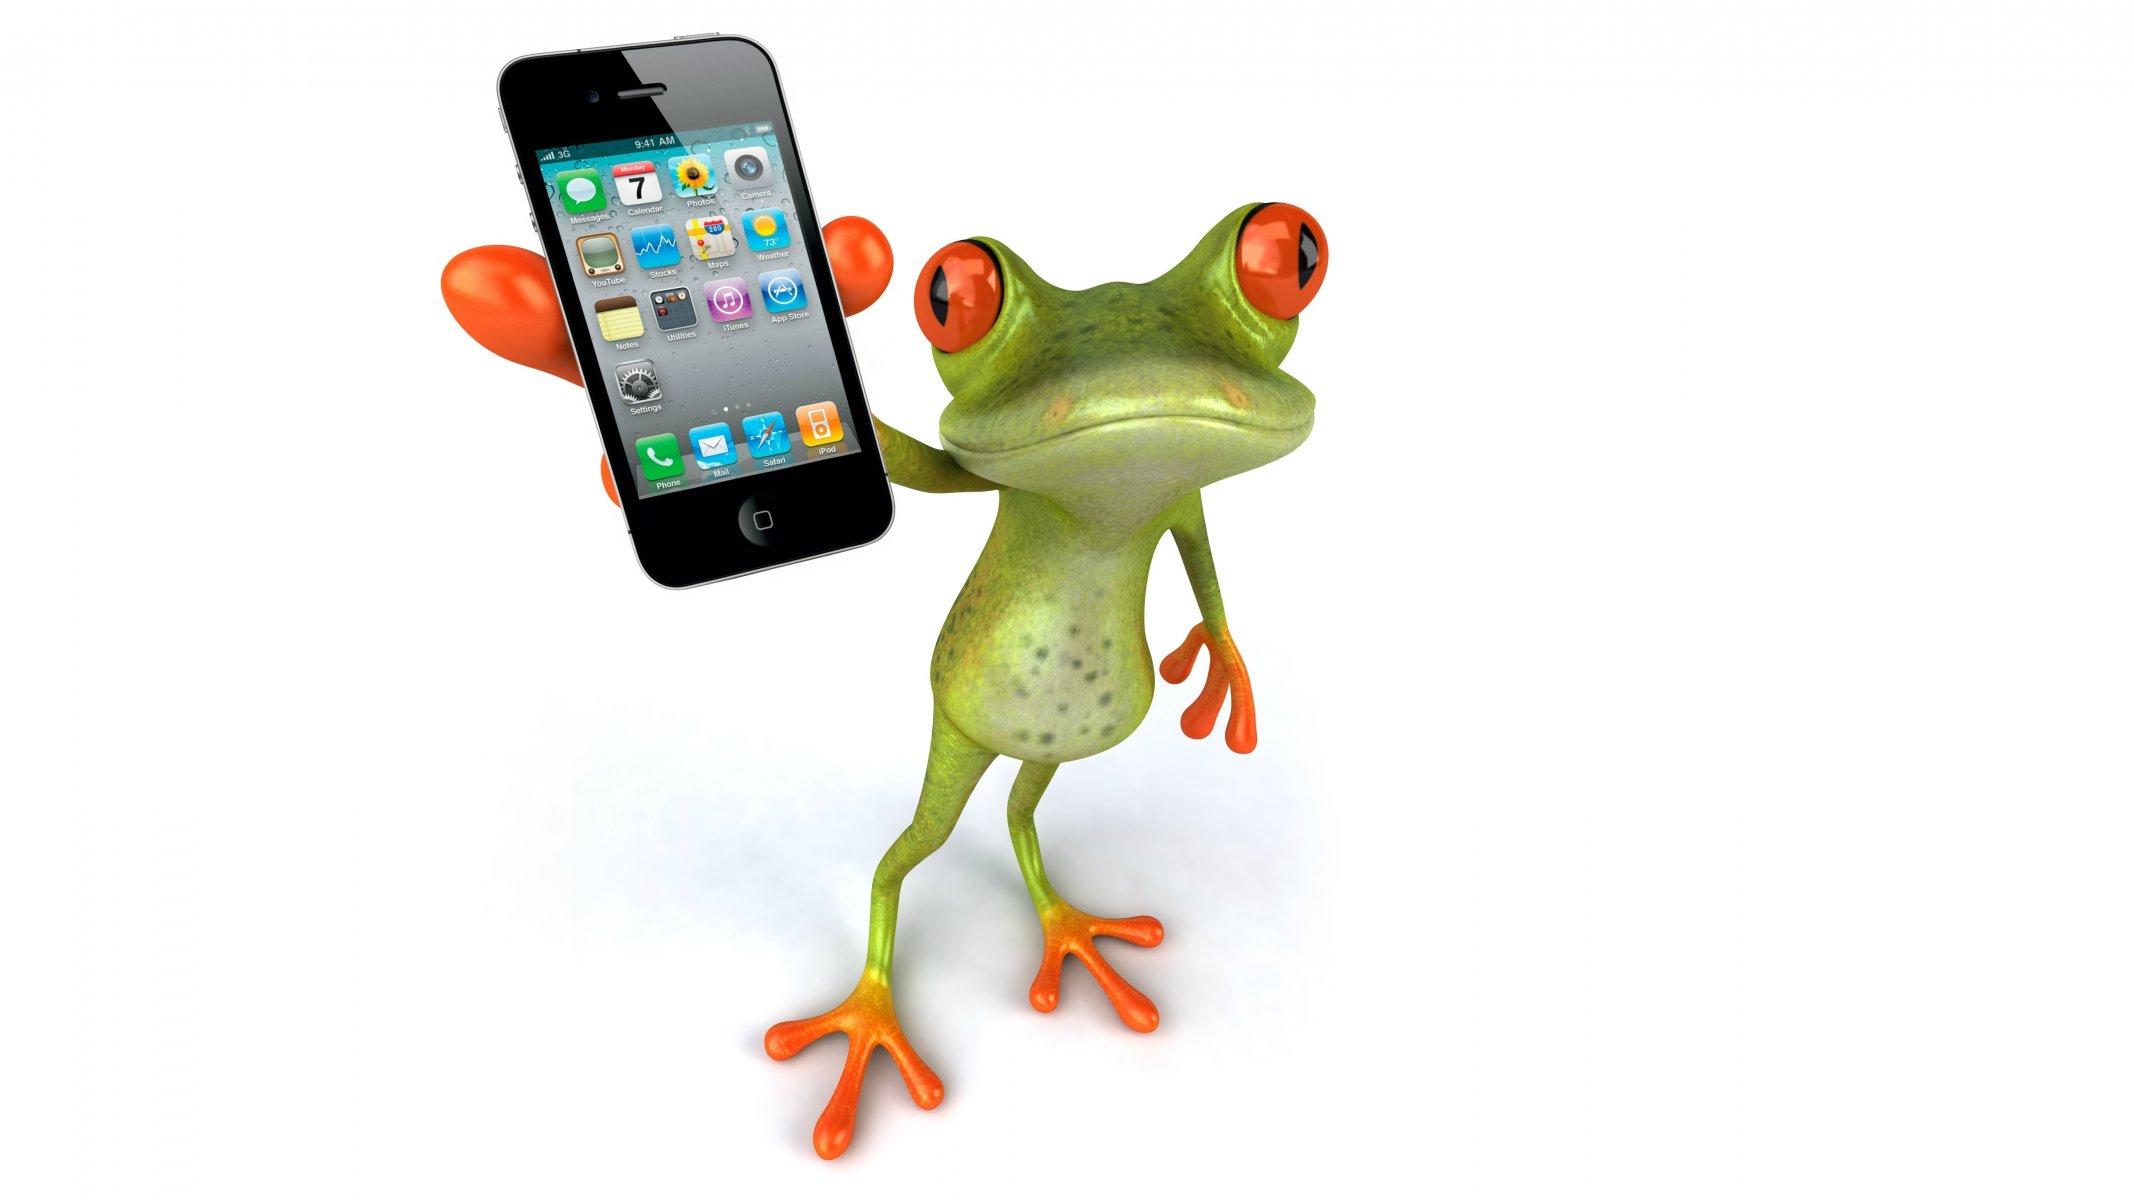 Прикольные картинки на телефоны самсунг